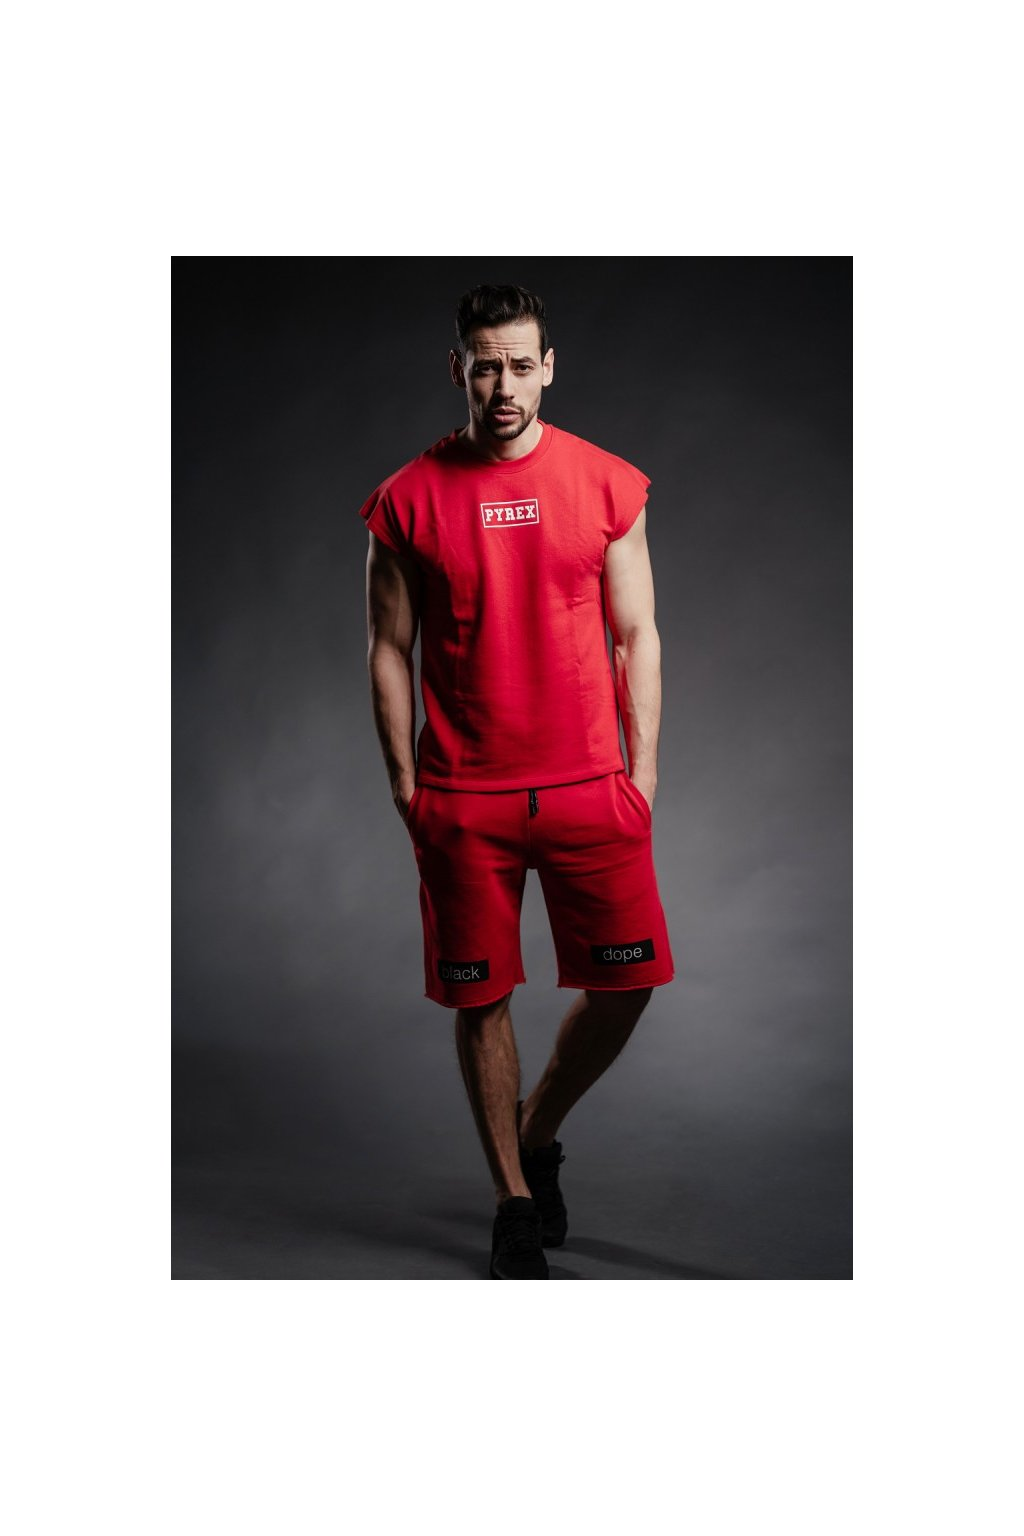 Tričko s krátkým rukávem Pyrex - červené (Velikost Velikost XL)